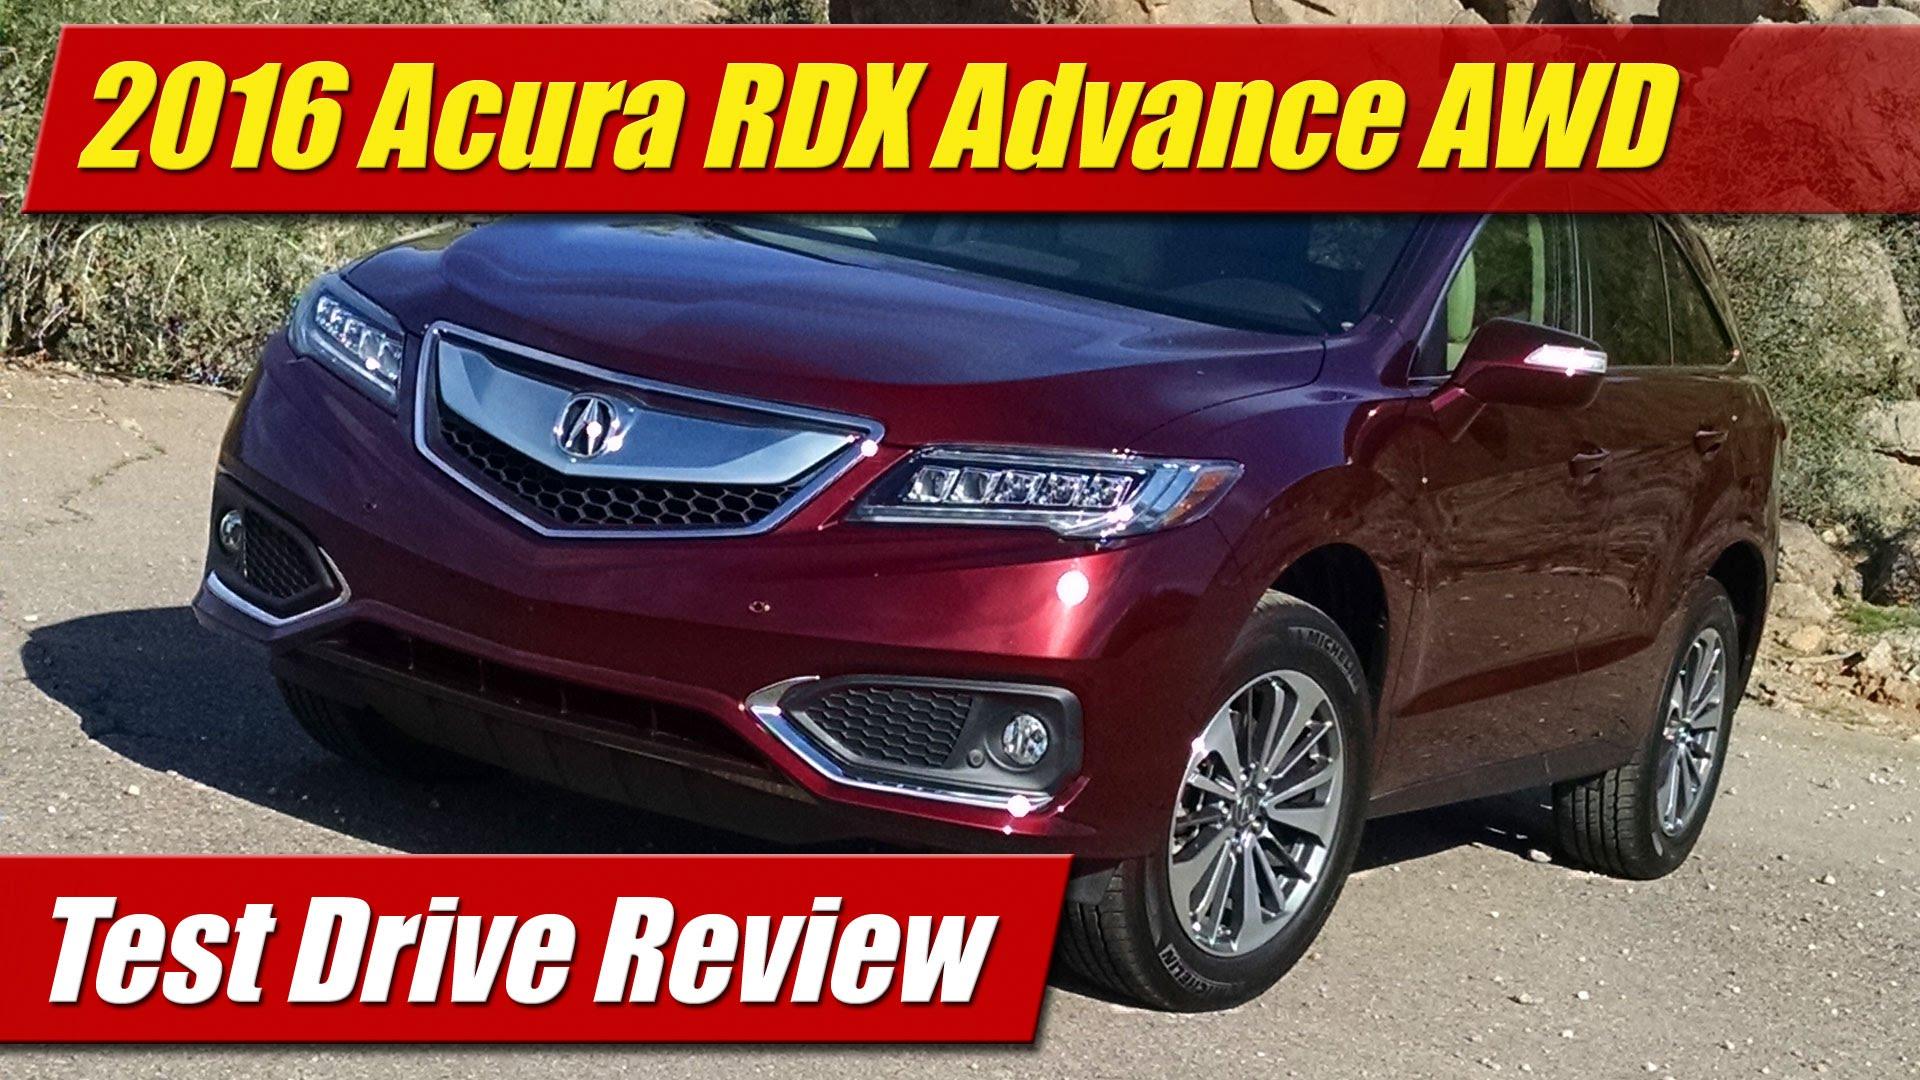 review art com manufacturer acura news rdx main autoguide